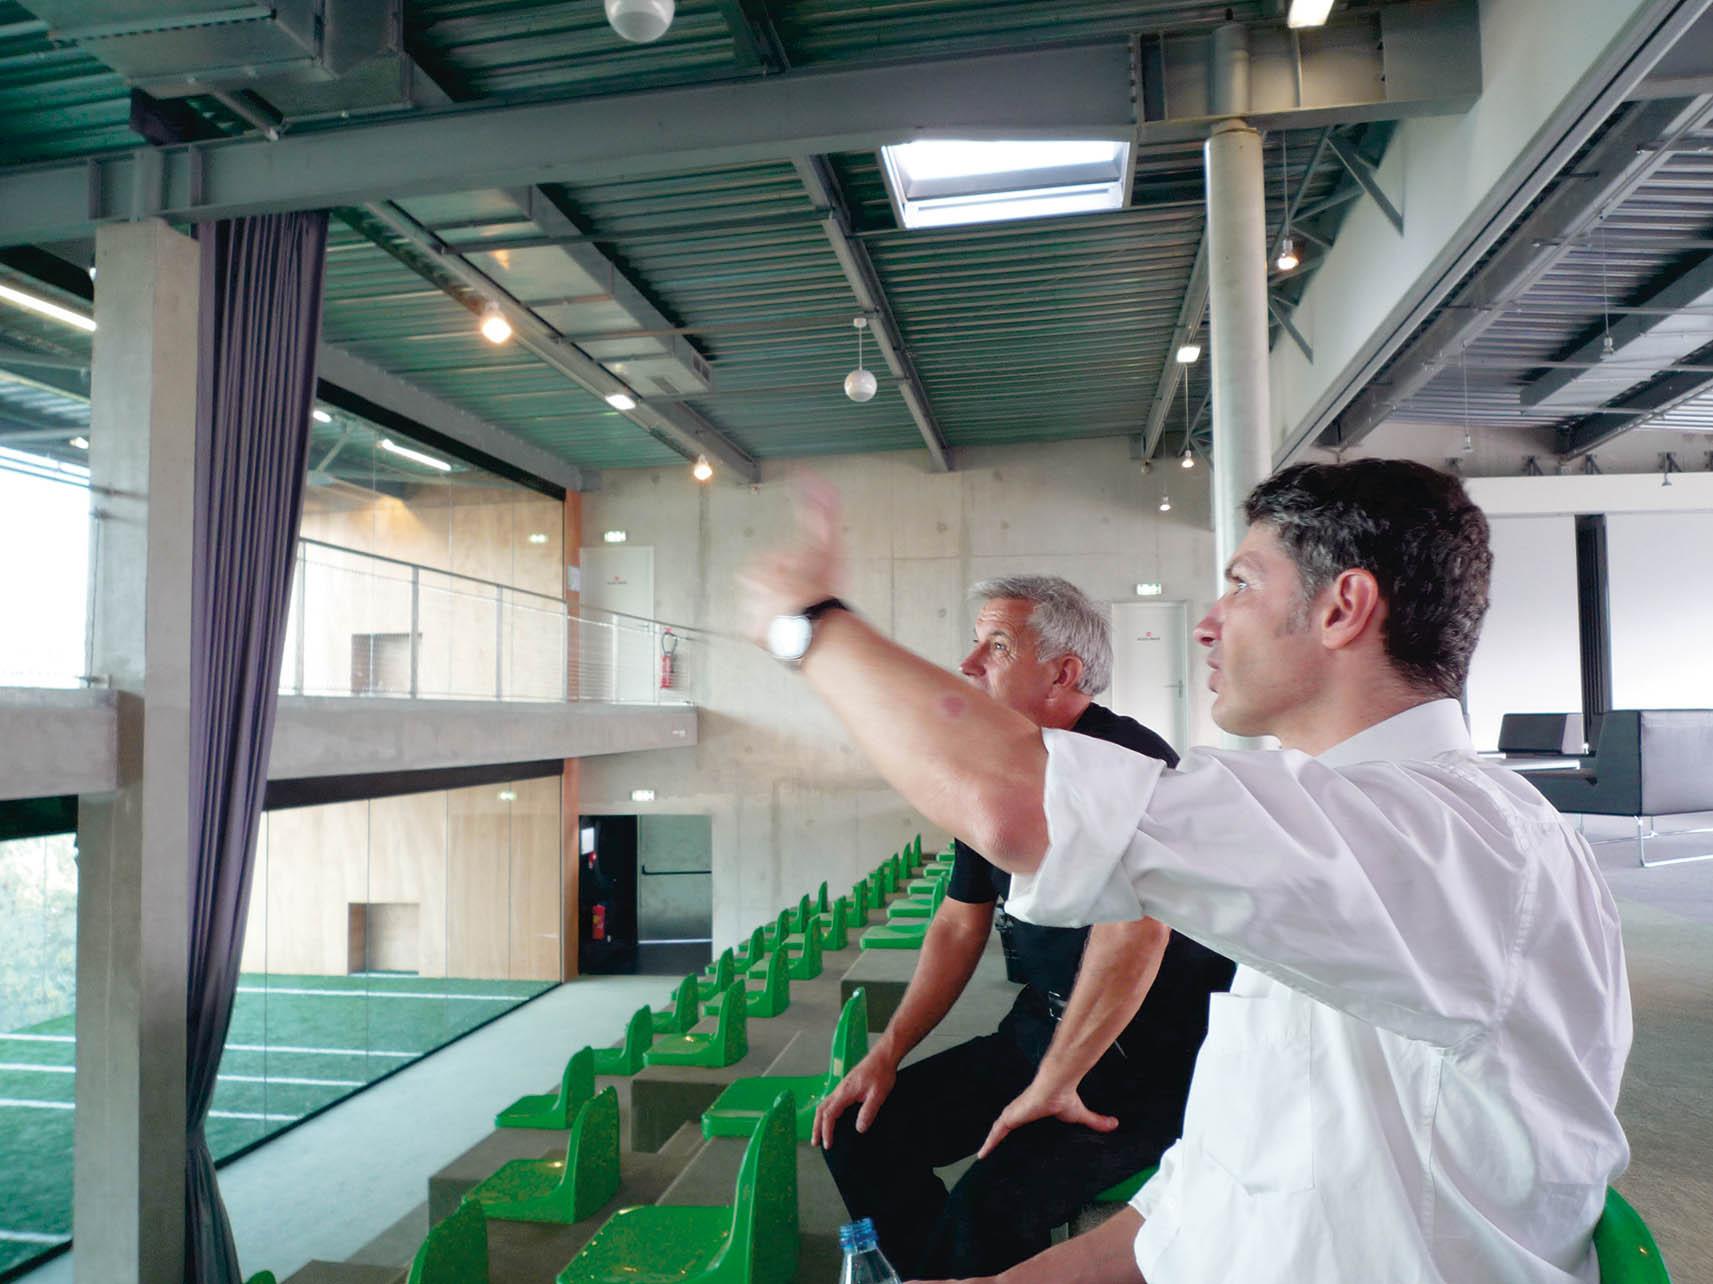 Le BLOK : Terrains de sport - Les gradins